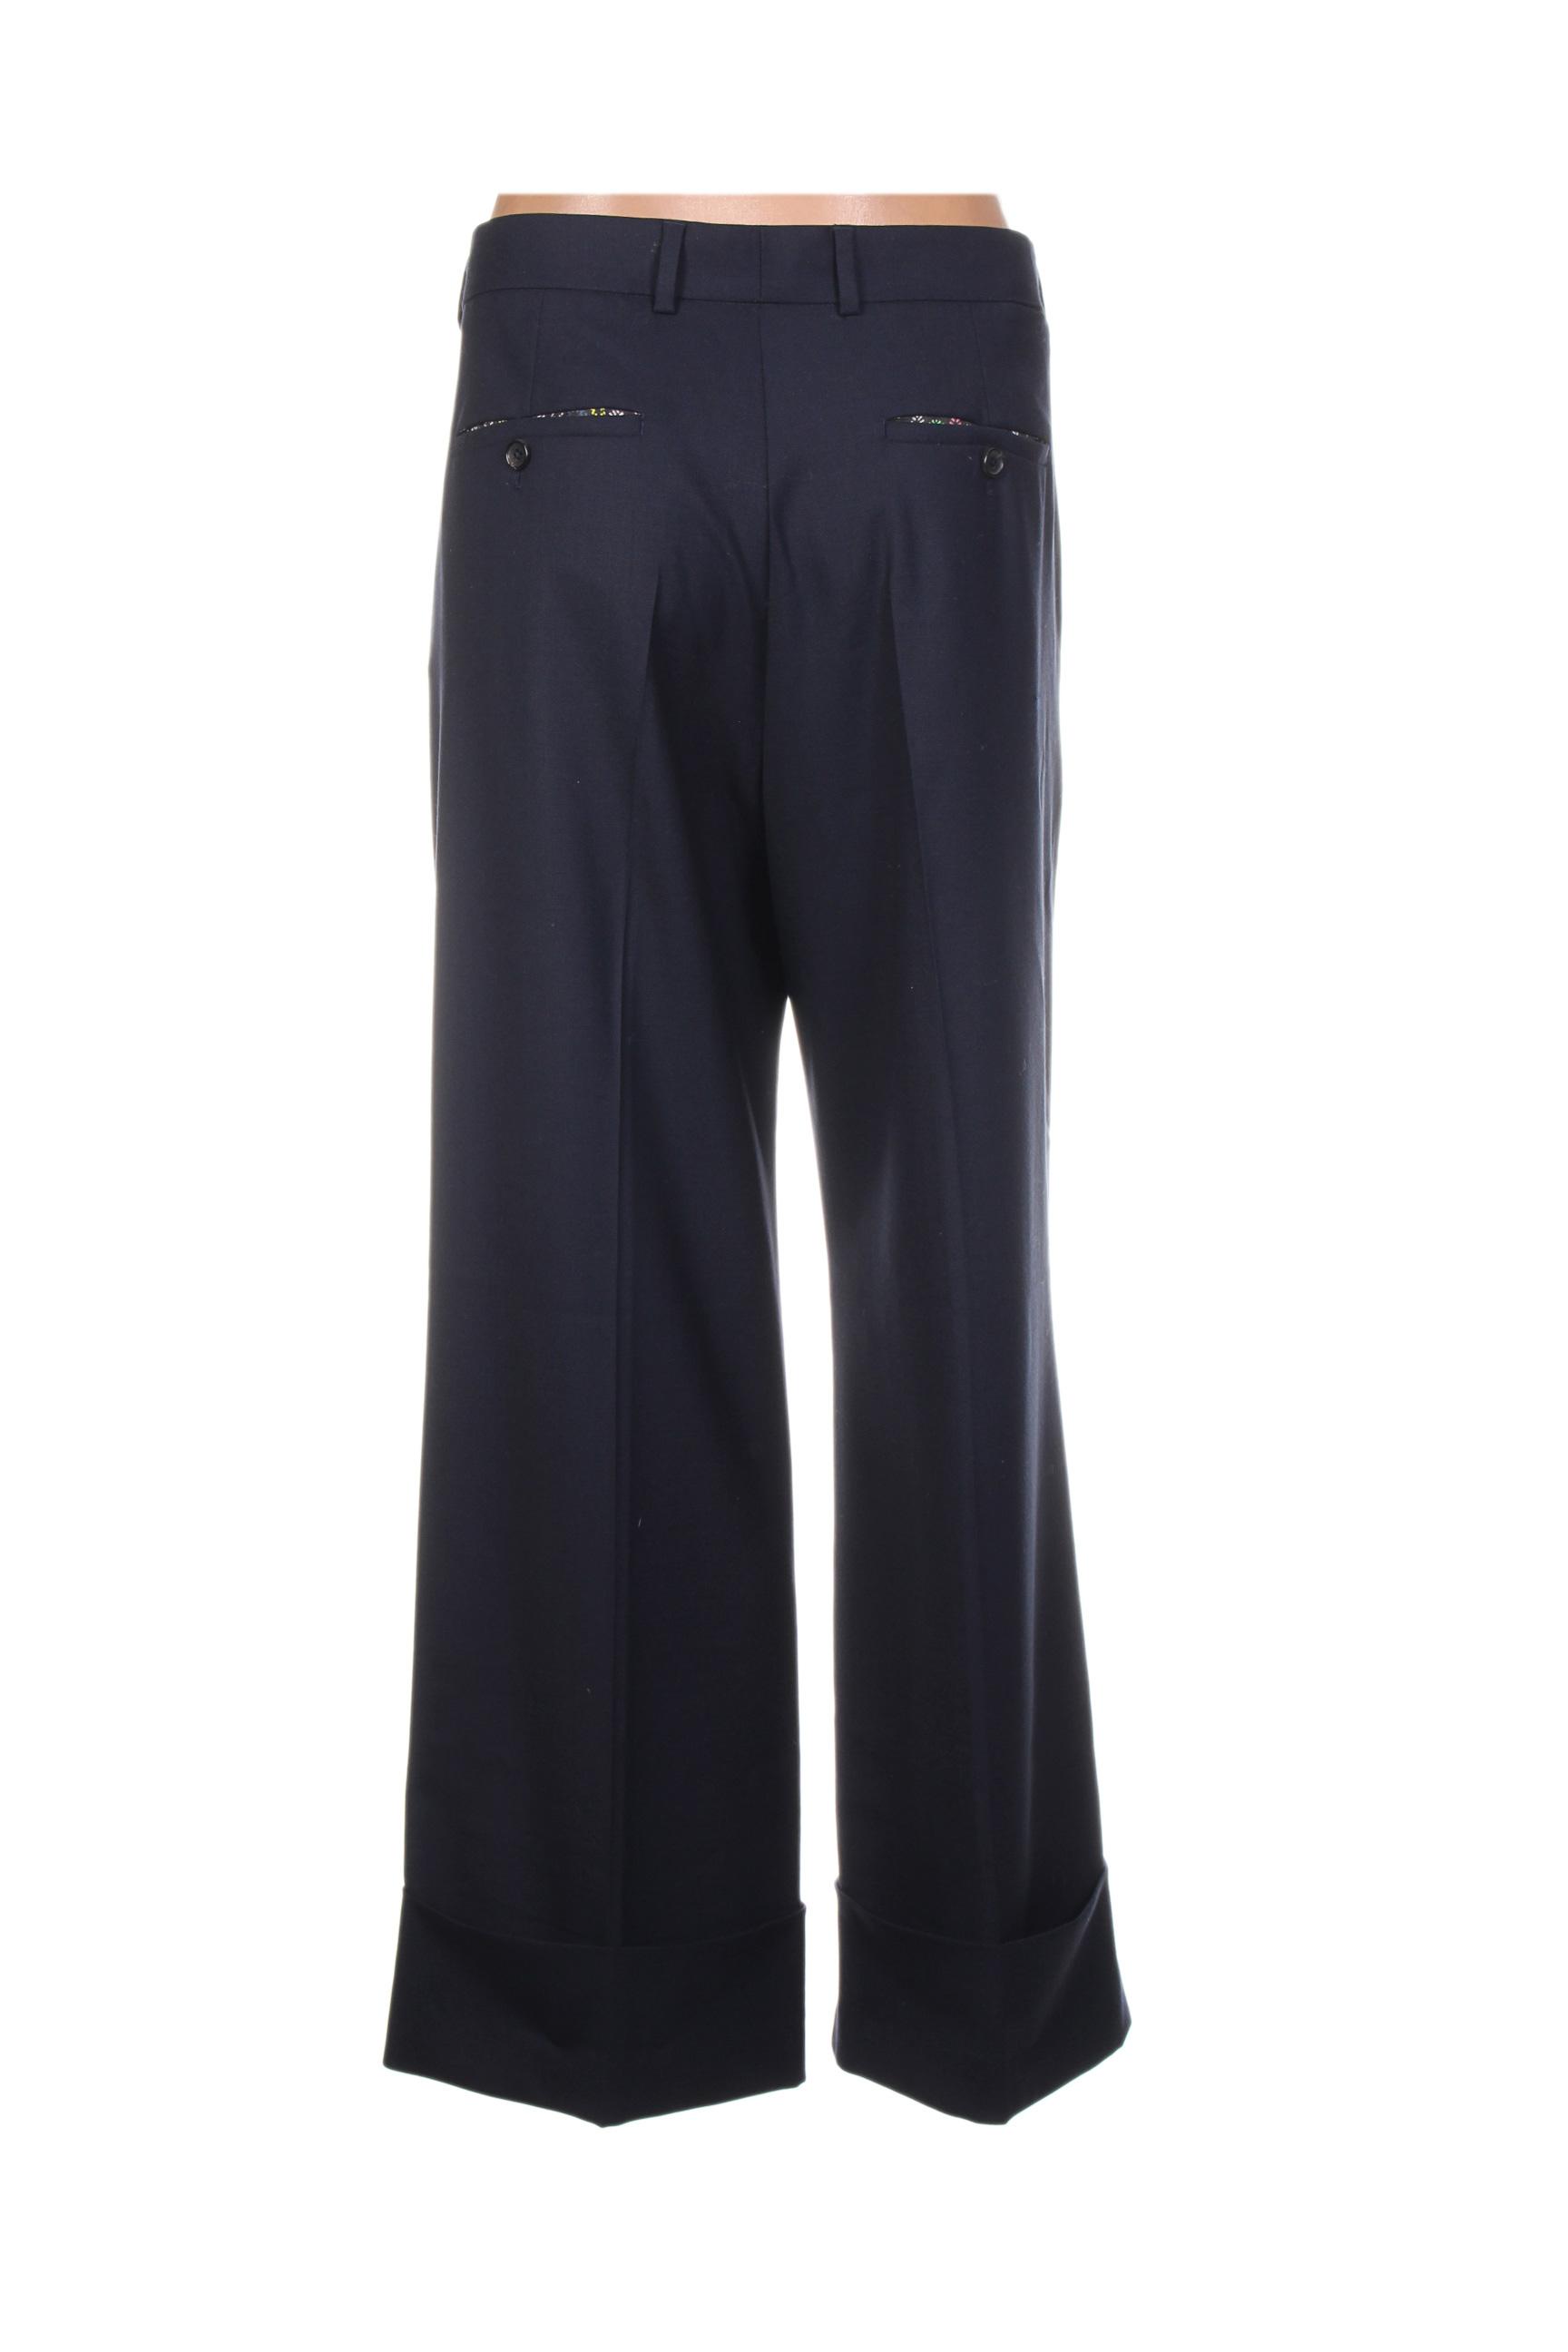 Paul Smith Pantalons Citadins Femme De Couleur Bleu En Soldes Pas Cher 1275247-bleu00